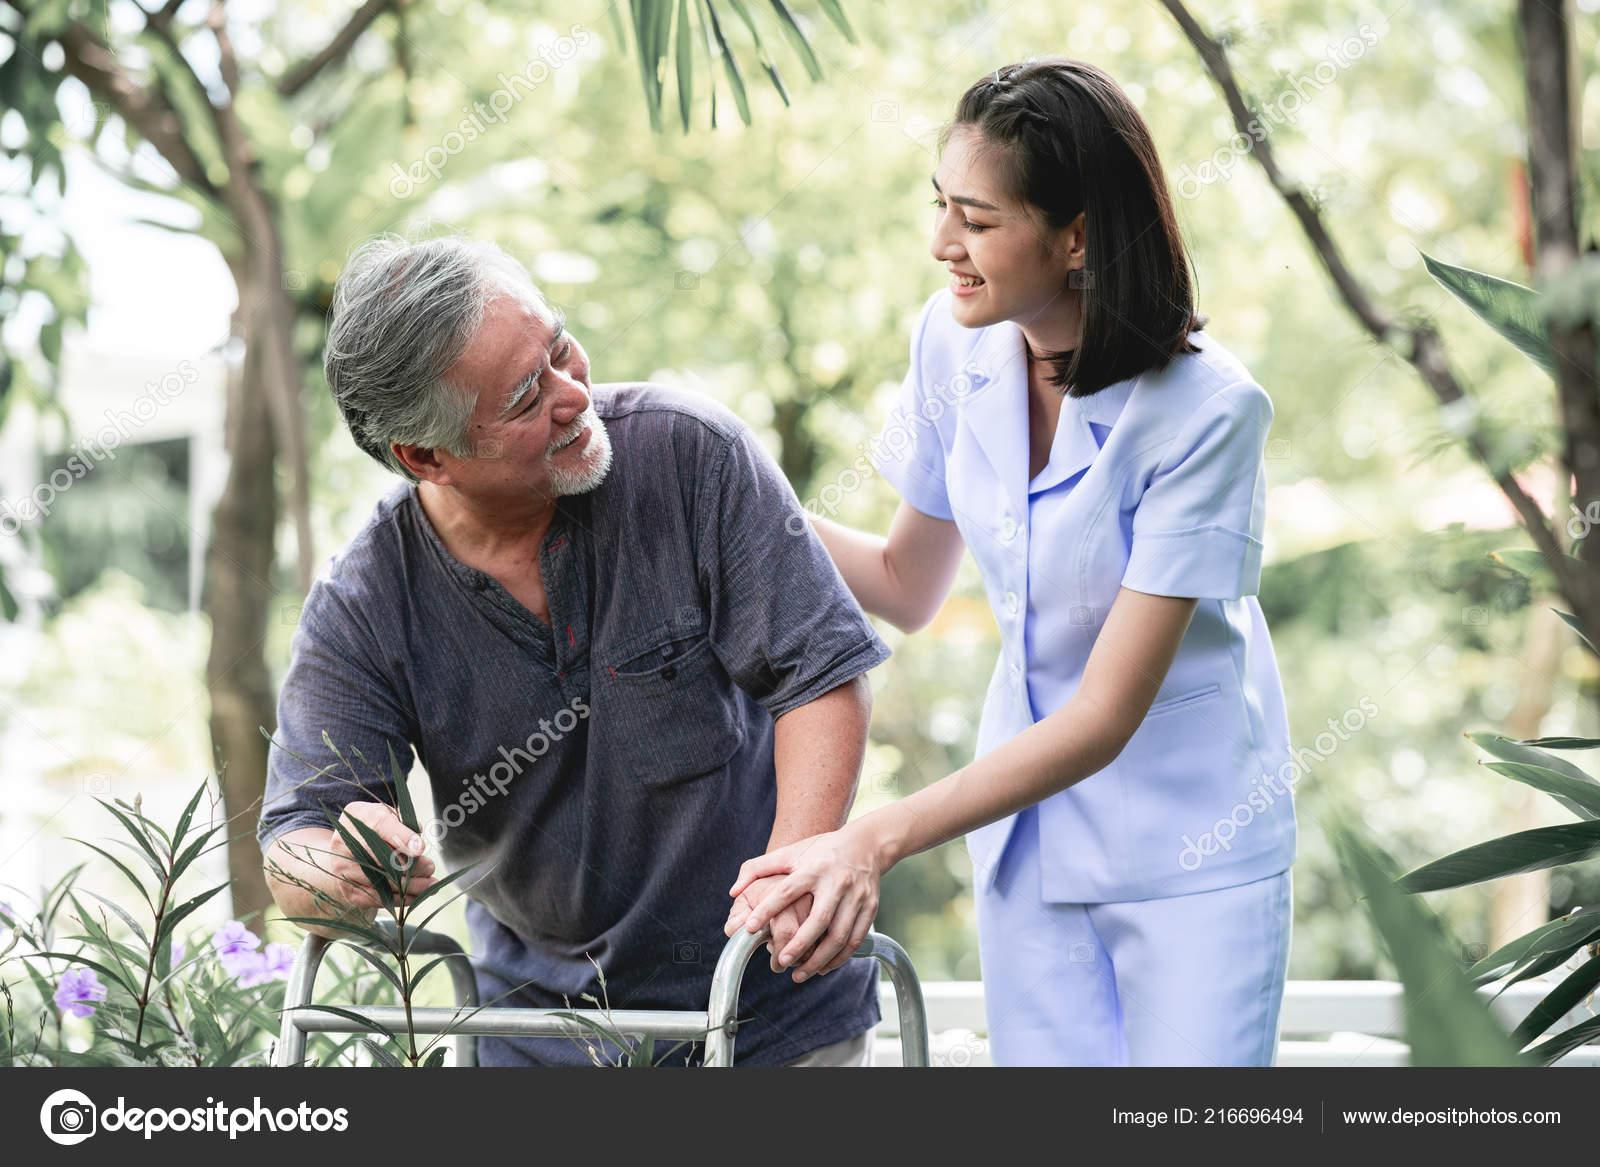 infirmière datant patient mon histoire de succès de rencontres en ligne